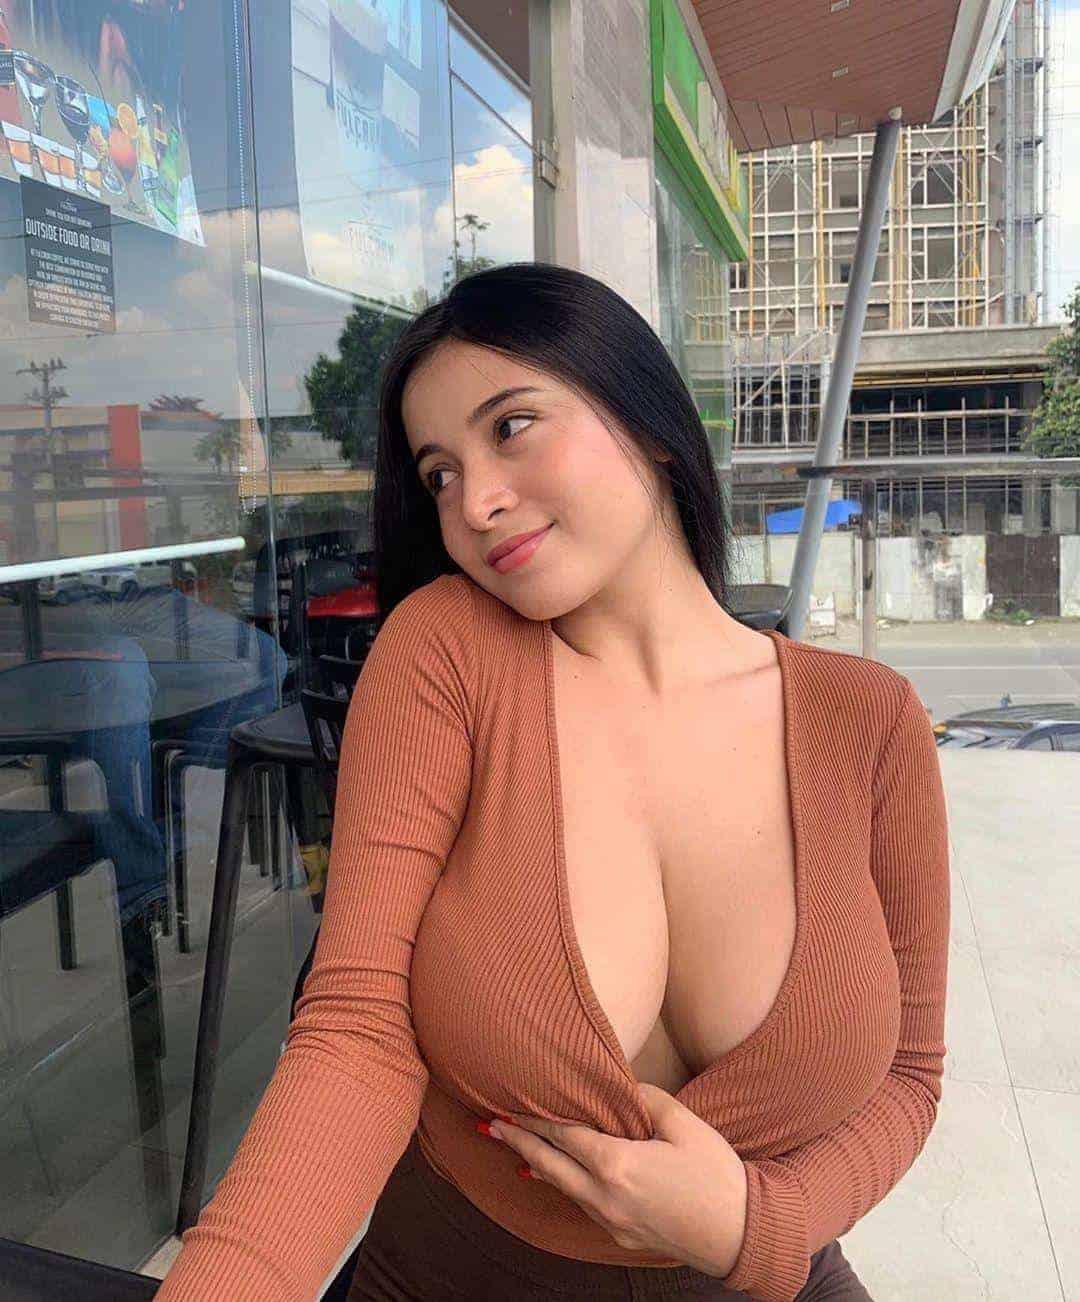 filipino_escorts_in_dubai_971589798305-1600517338-890-e